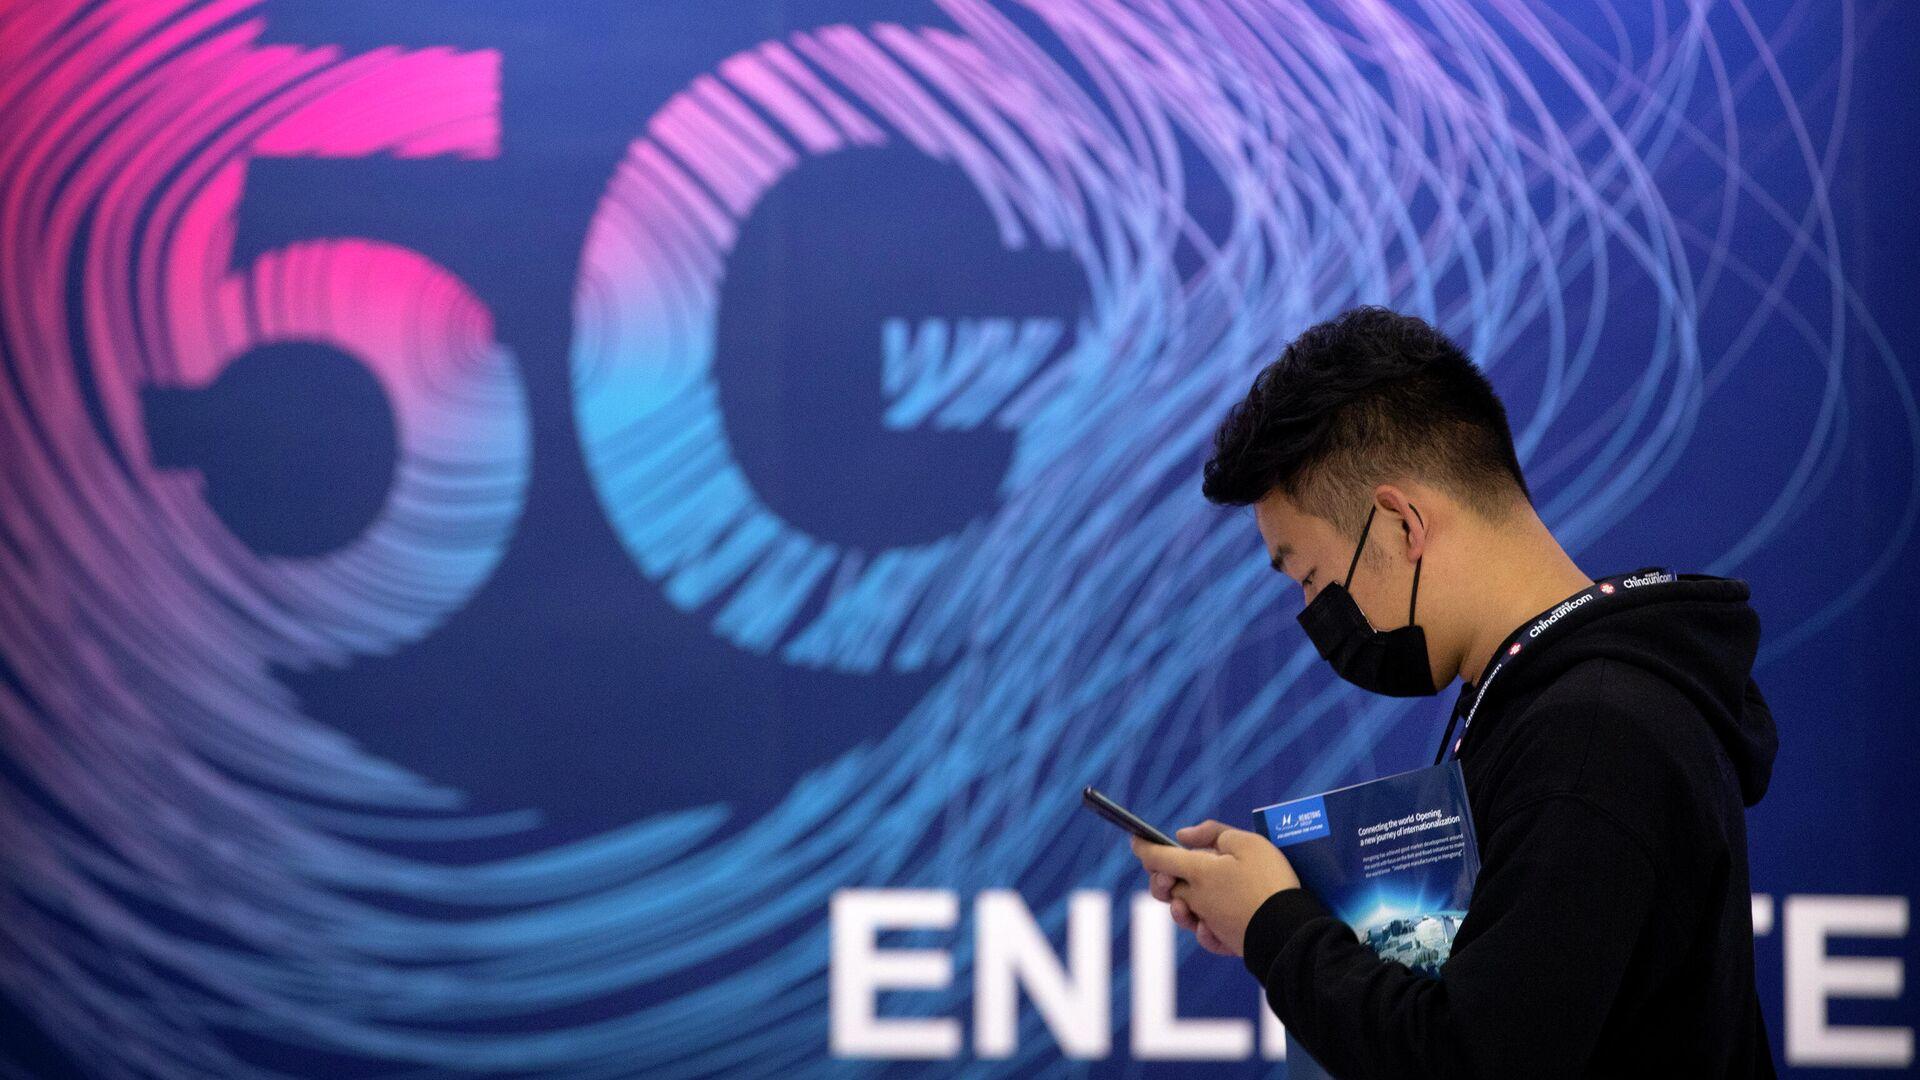 Мужчина проходит мимо вывески рекламирующей связь 5G  - РИА Новости, 1920, 23.12.2020